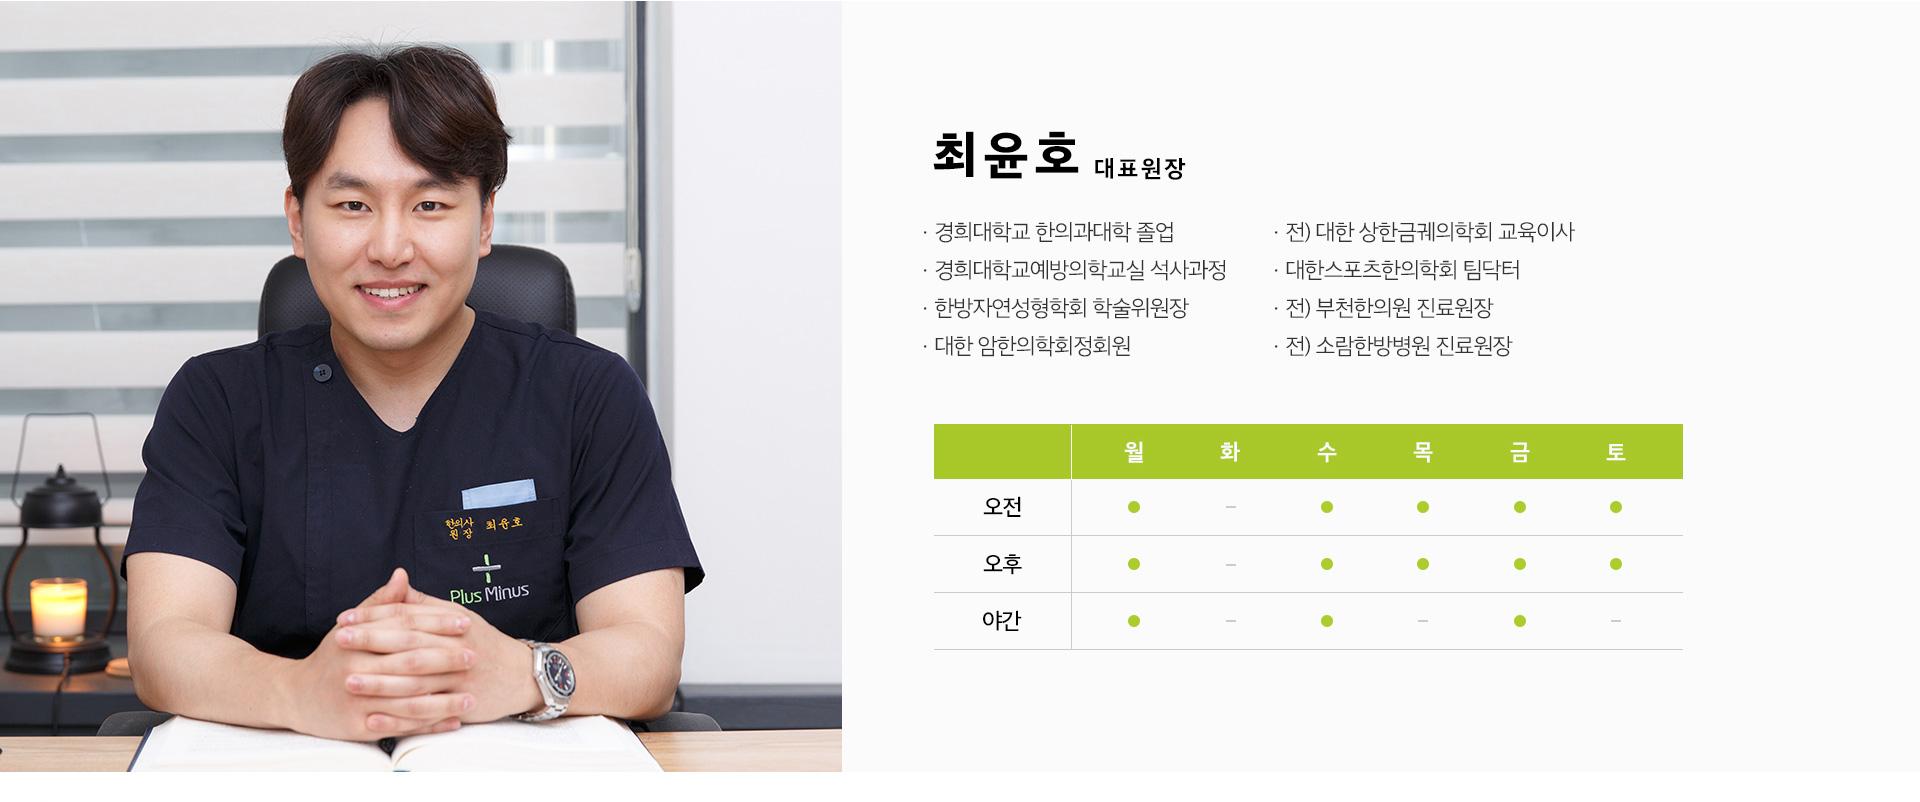 최윤호대표원장님